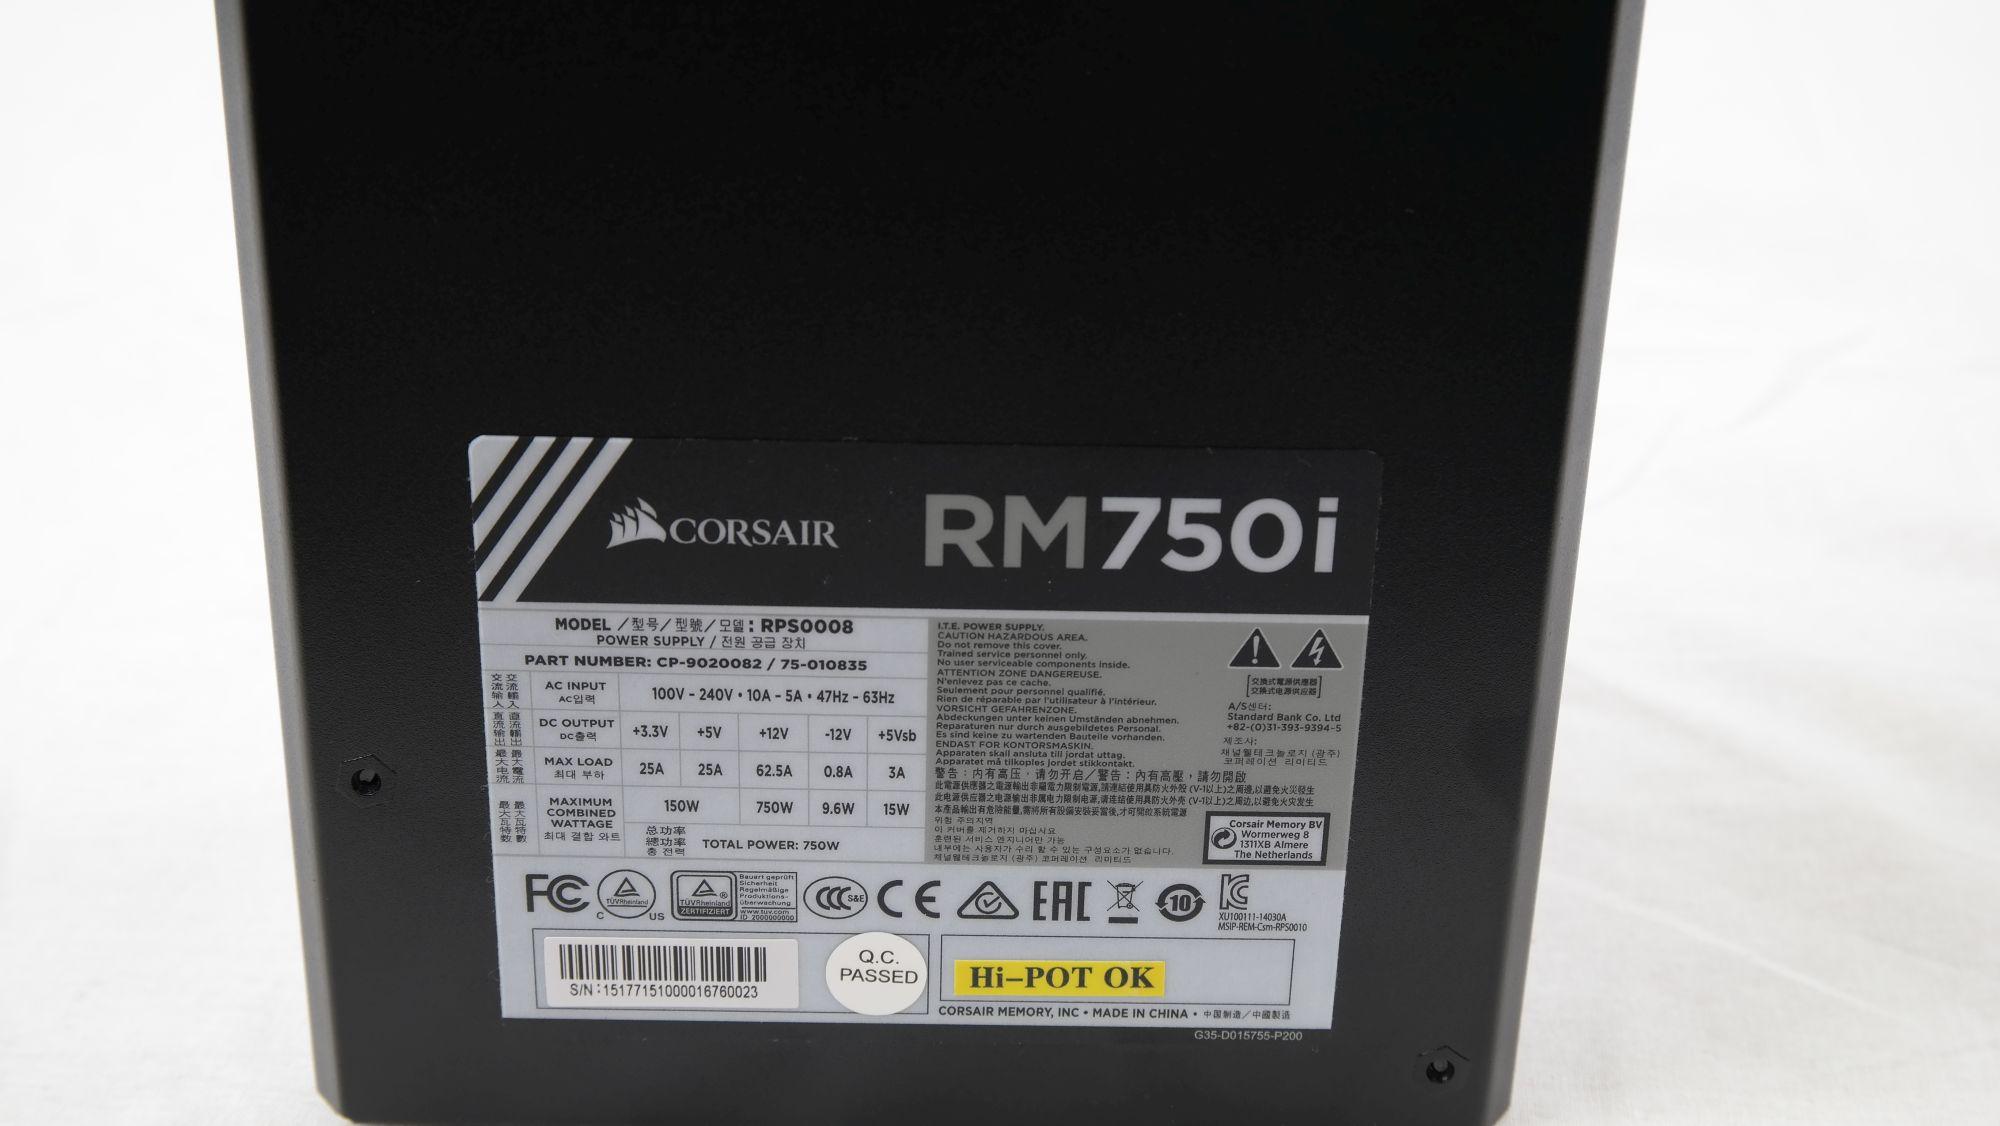 Corsair_RM750i_002